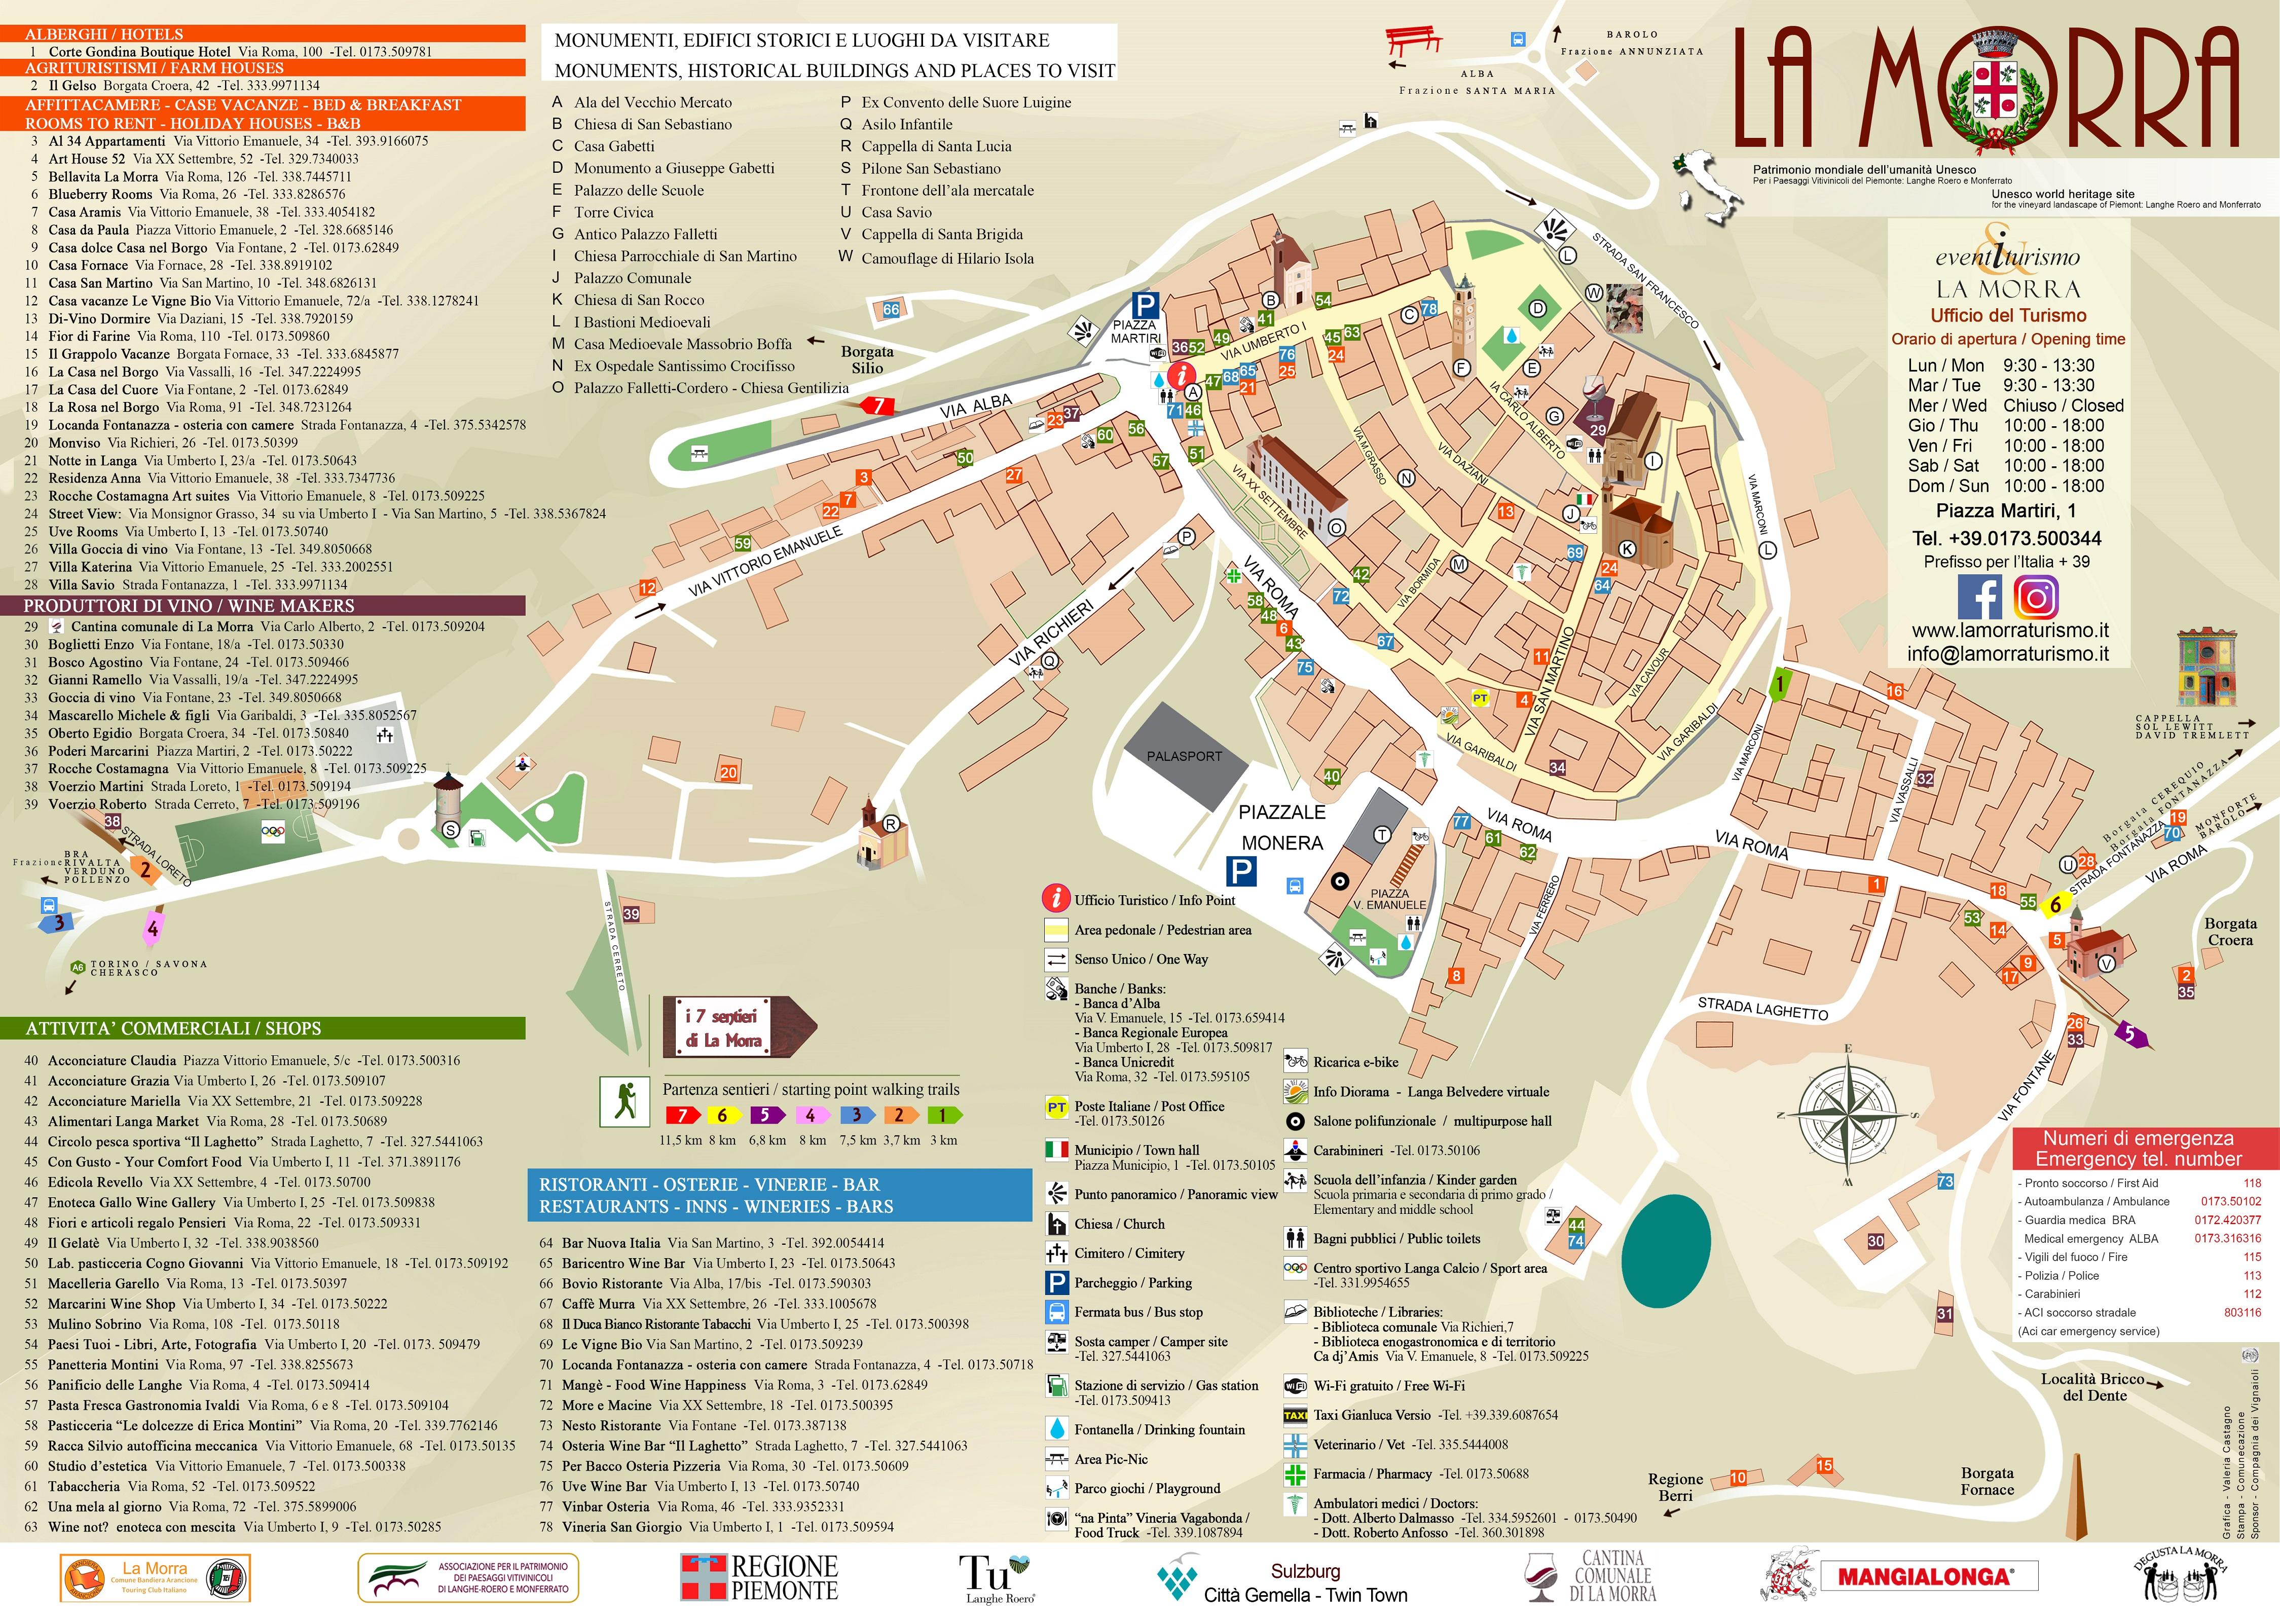 mappa-ufficiale-la-morra-2019-fronte-copia